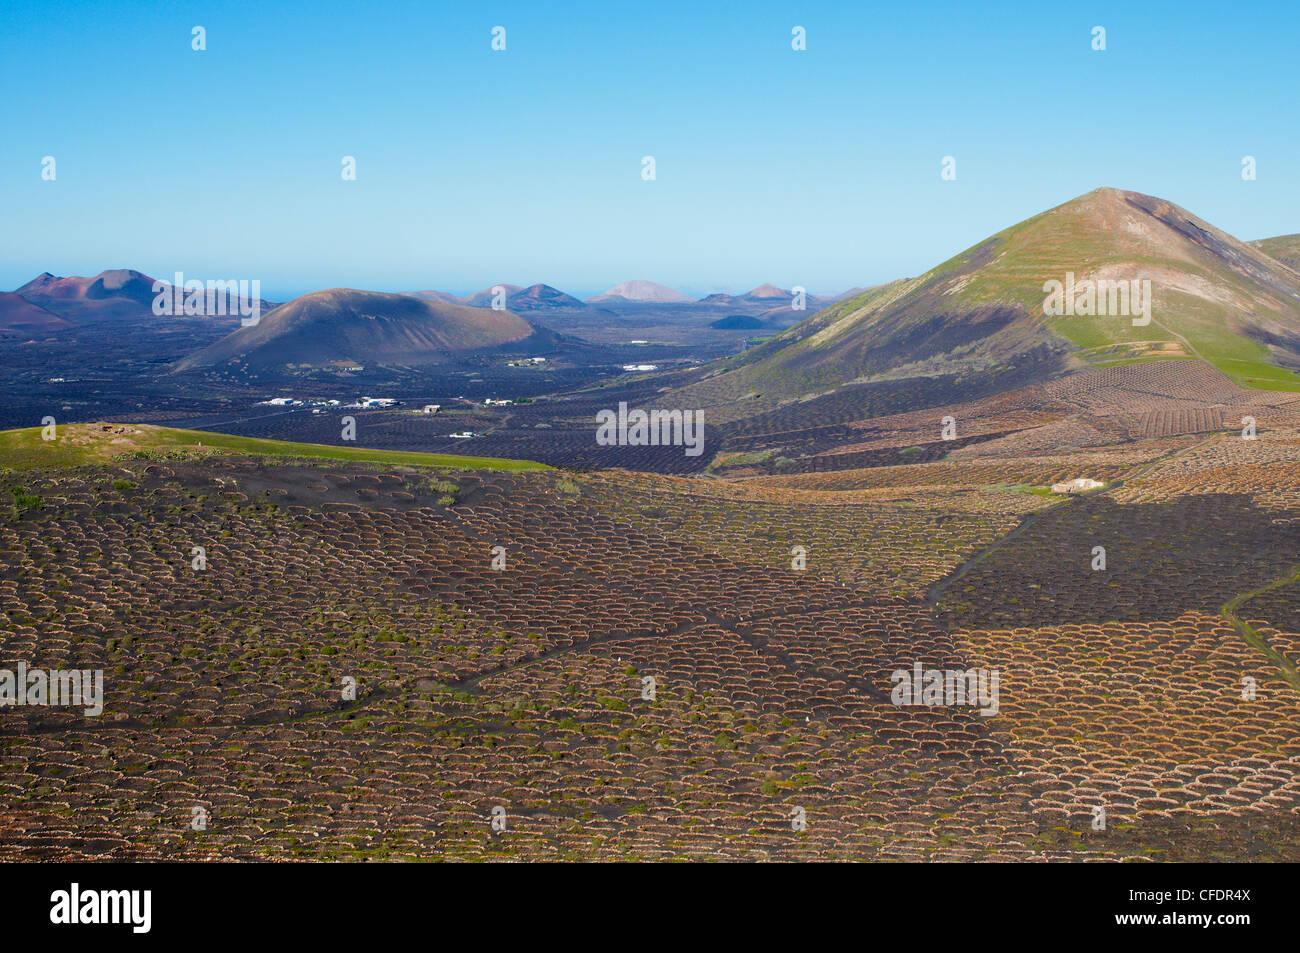 Weinberg an der Lava, Biosphärenreservat, Lanzarote, Kanarische Inseln, Spanien, Europa Stockbild